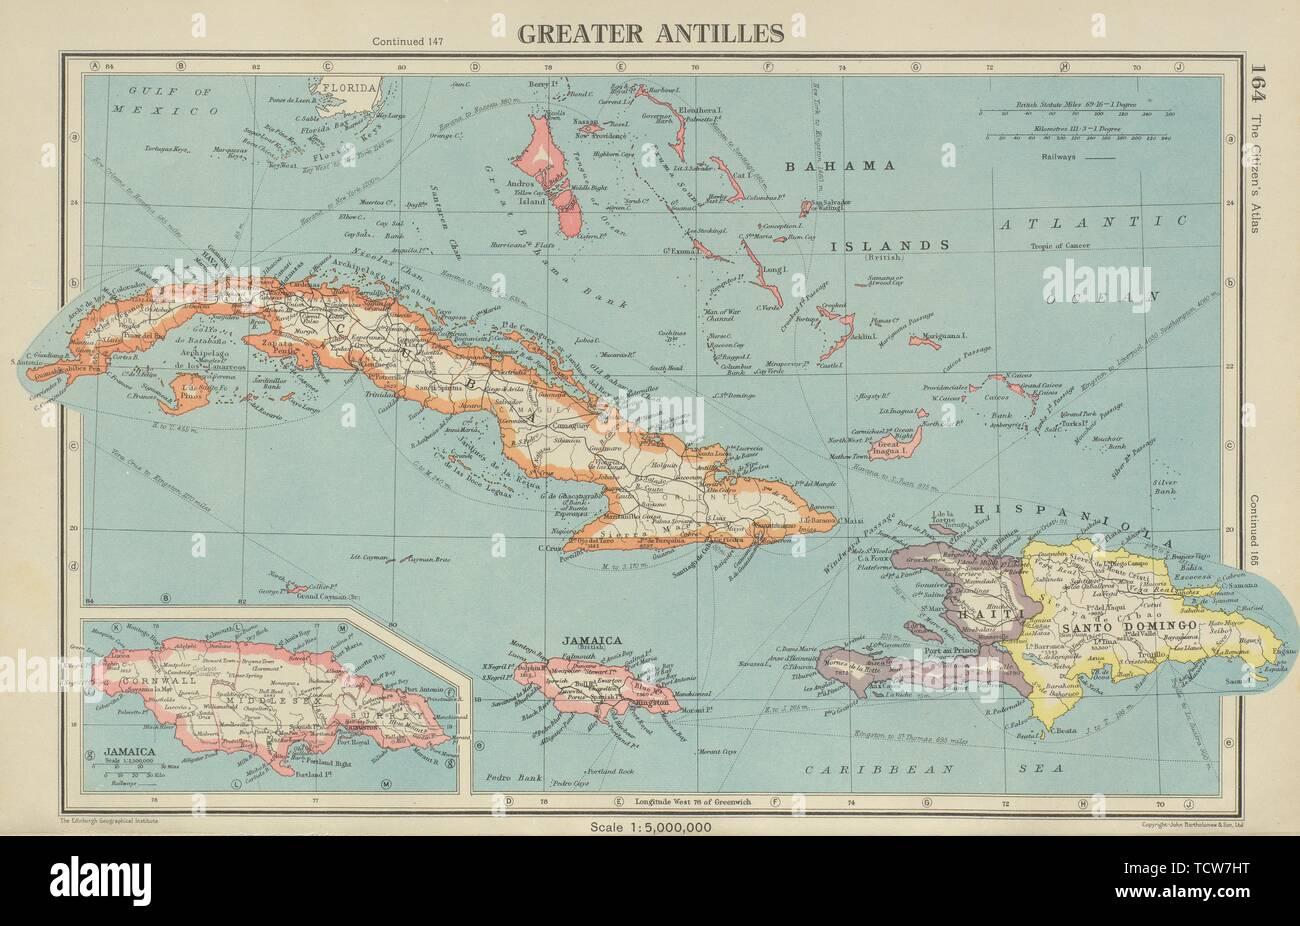 GREATER ANTILLES. Cuba Hispaniola Jamaica Bahamas. Haiti Dominican Rep. 1947 map Stock Photo